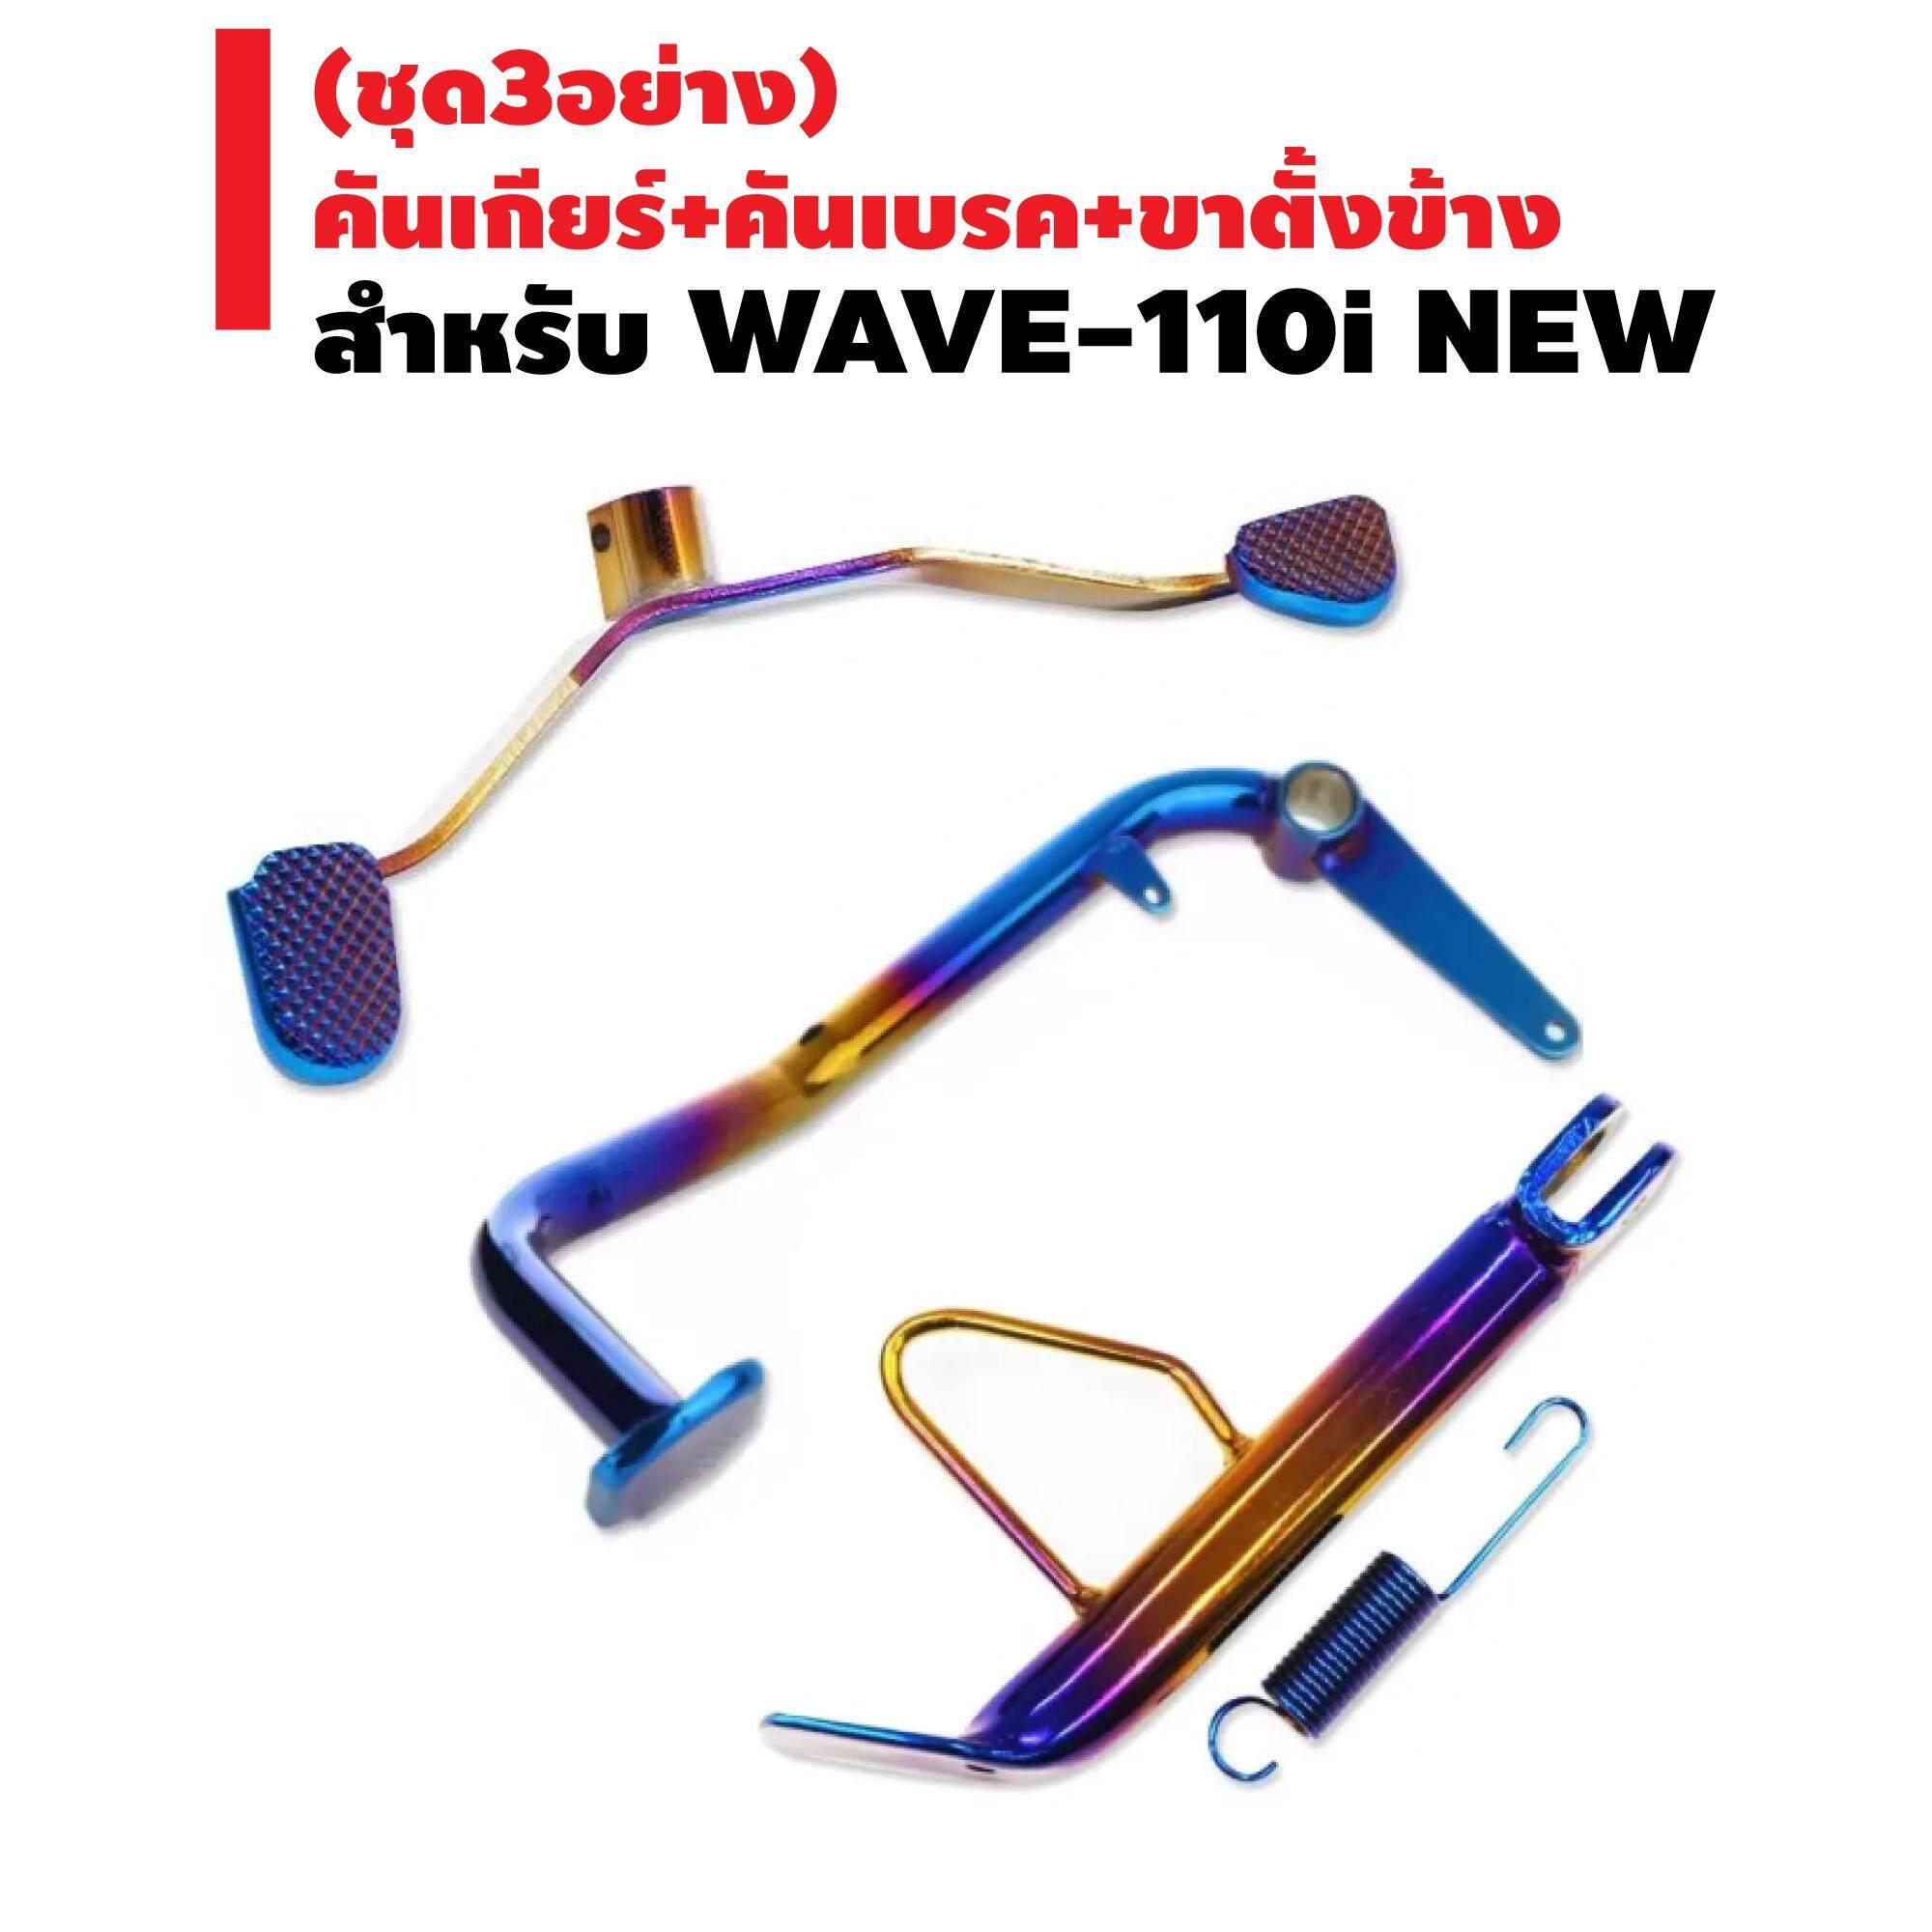 คุณภาพ!! (ชุดx3อย่าง) คันเบรค WAVE-110i NEW ทอง+ไทเท (งาน A) + คันเกียร์ (ทอง+ไทเท) สำหรับ WAVE-110i + ขาตั้งข้าง WAVE ทุกรุ่น (สีทอง+ไทเท)